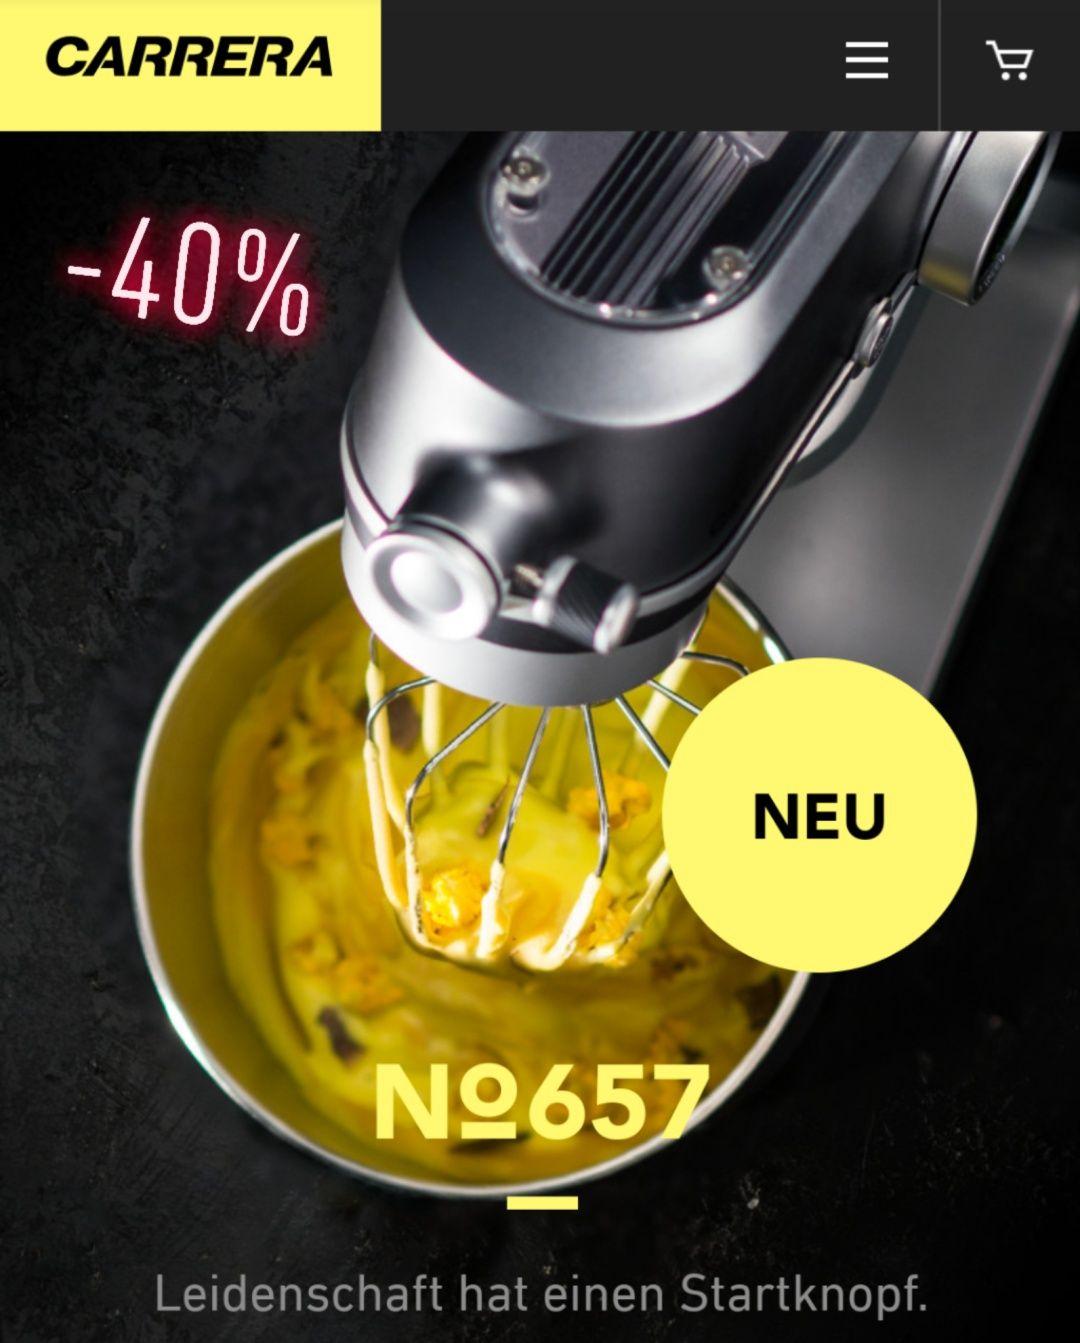 40% auf Carrera Haushaltsgeräte und Hairstyling für angemeldete Amex Kartenkunden unter carrera.de.